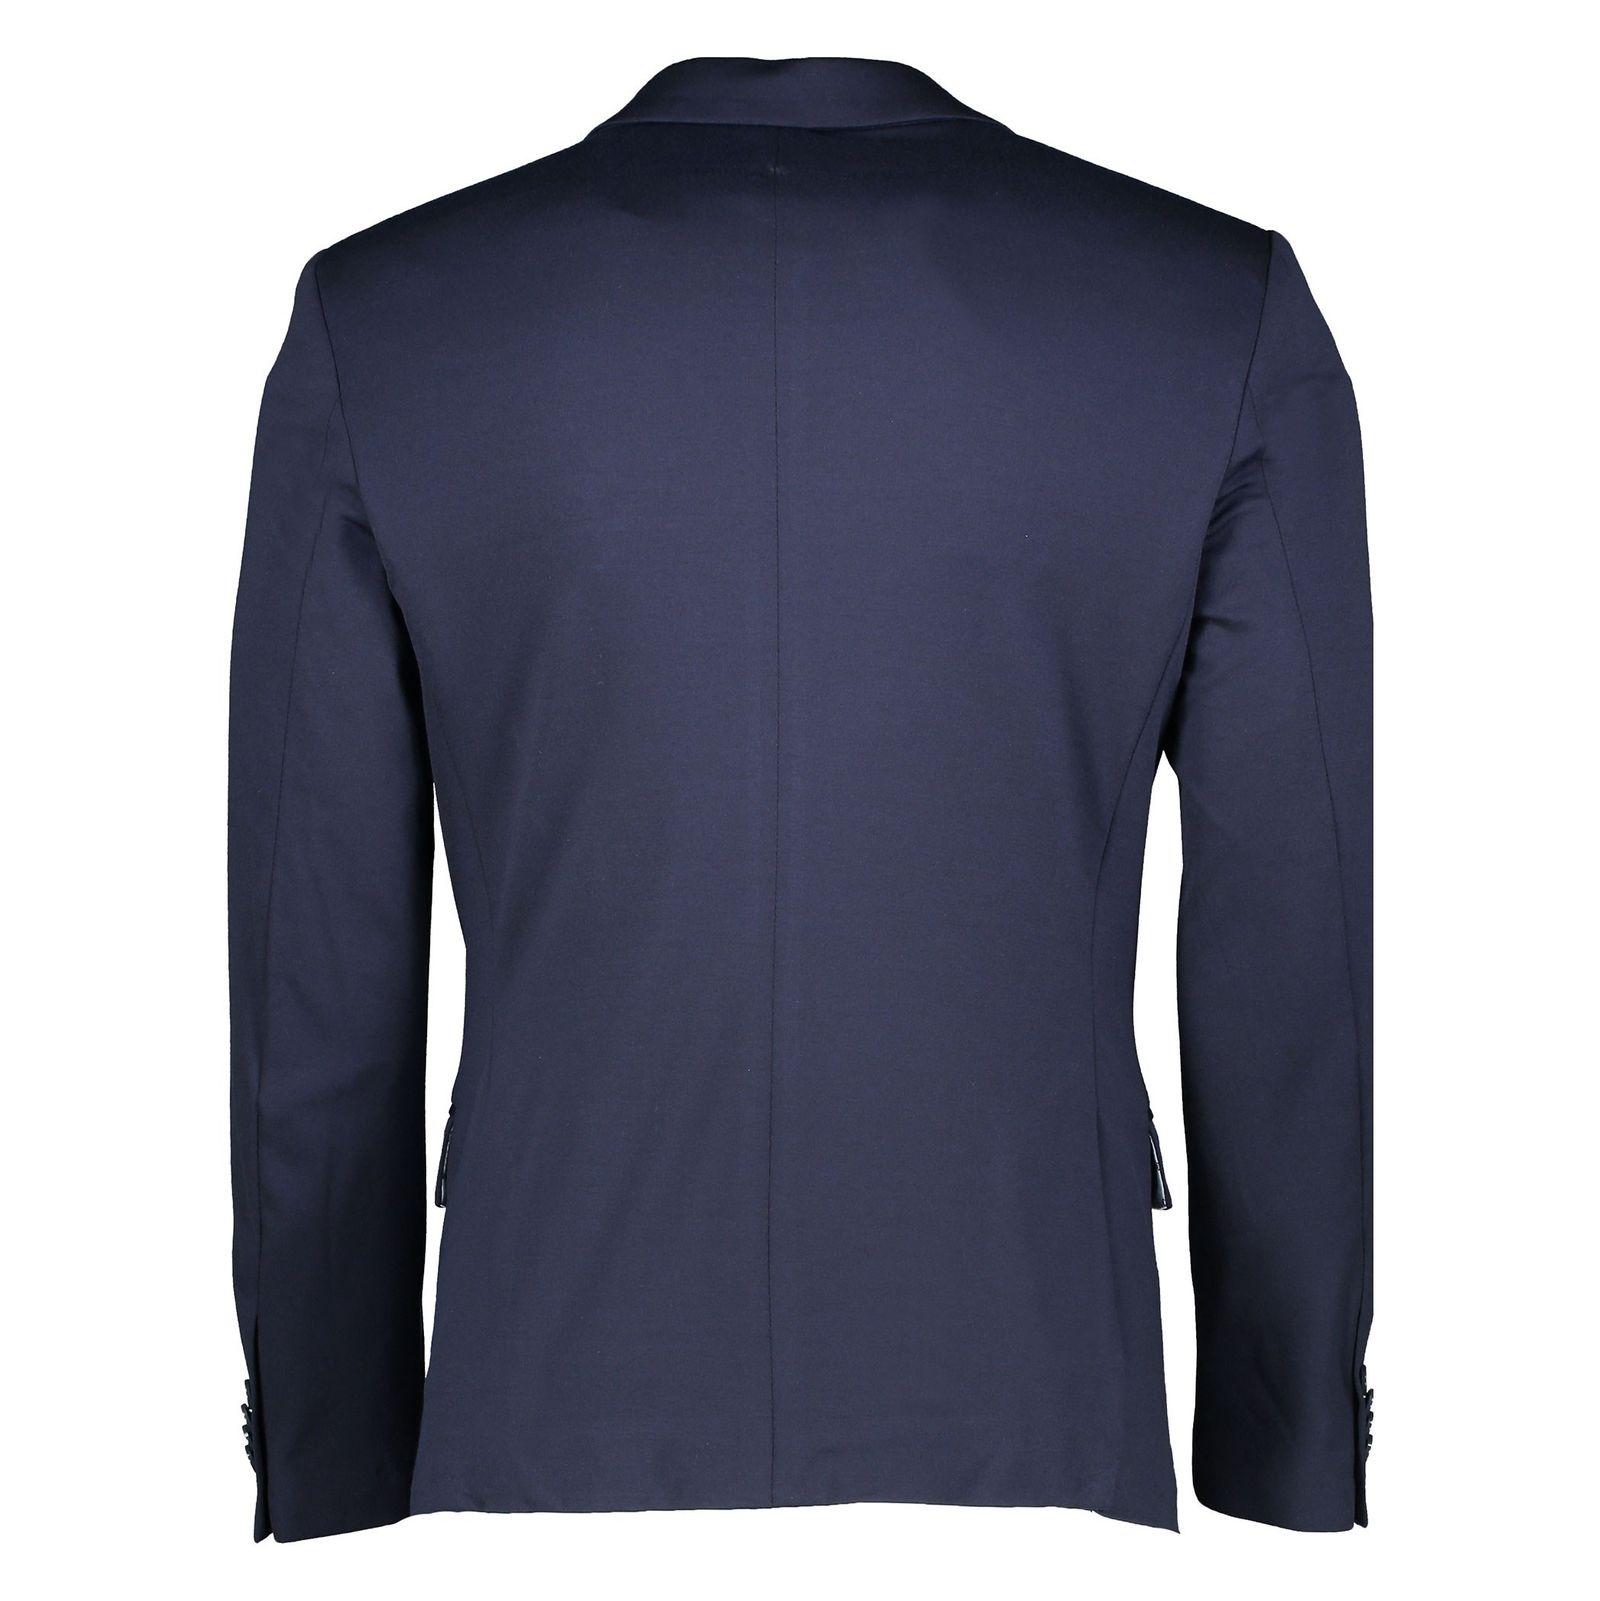 کت تک رسمی مردانه - یوپیم - سرمه اي - 2